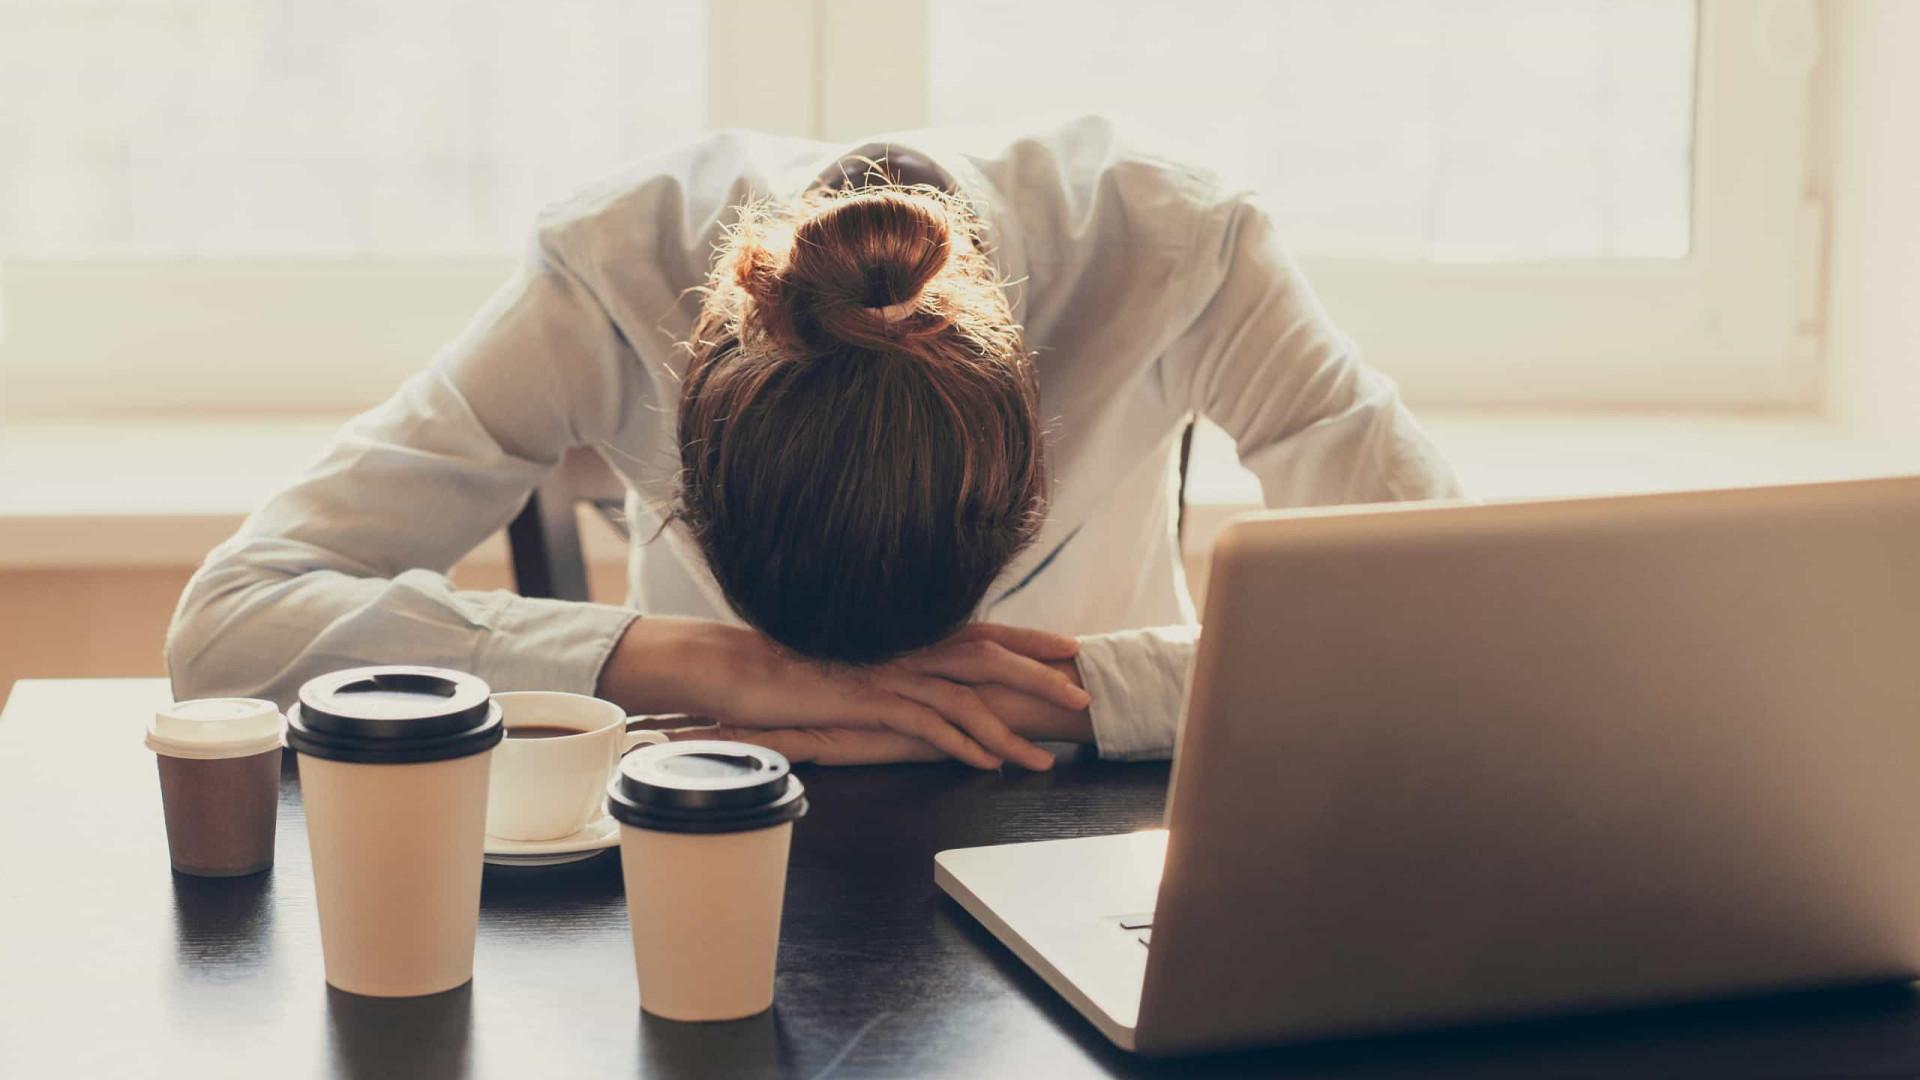 Dorme mal? A negatividade pode estar atrapalhando o sono